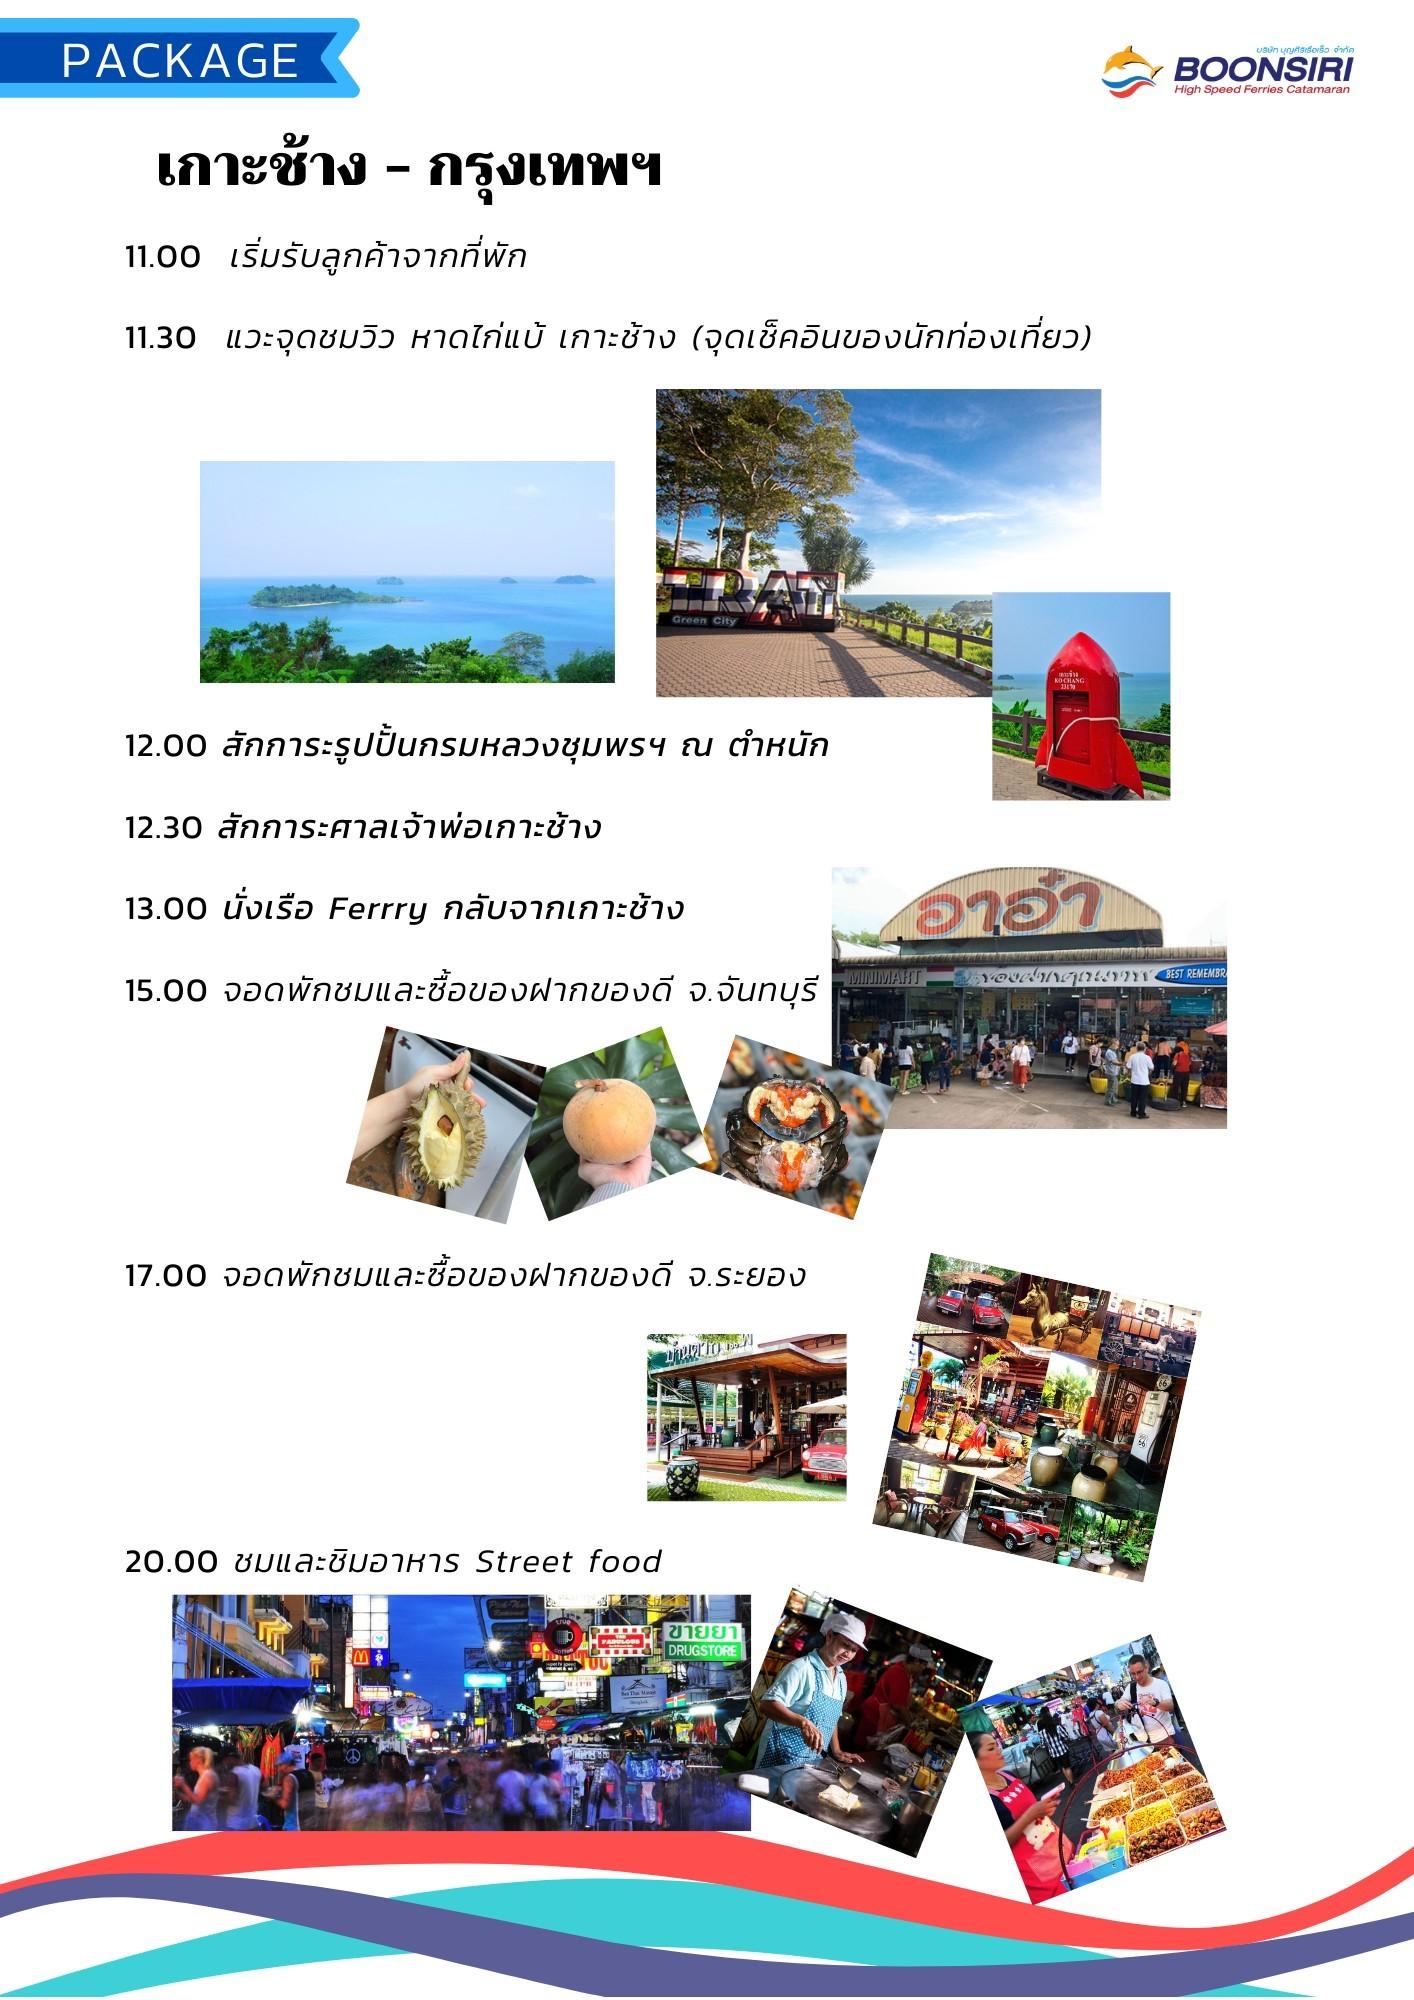 Package Tour เกาะช้าง กลับ กรุงเทพ 11.00